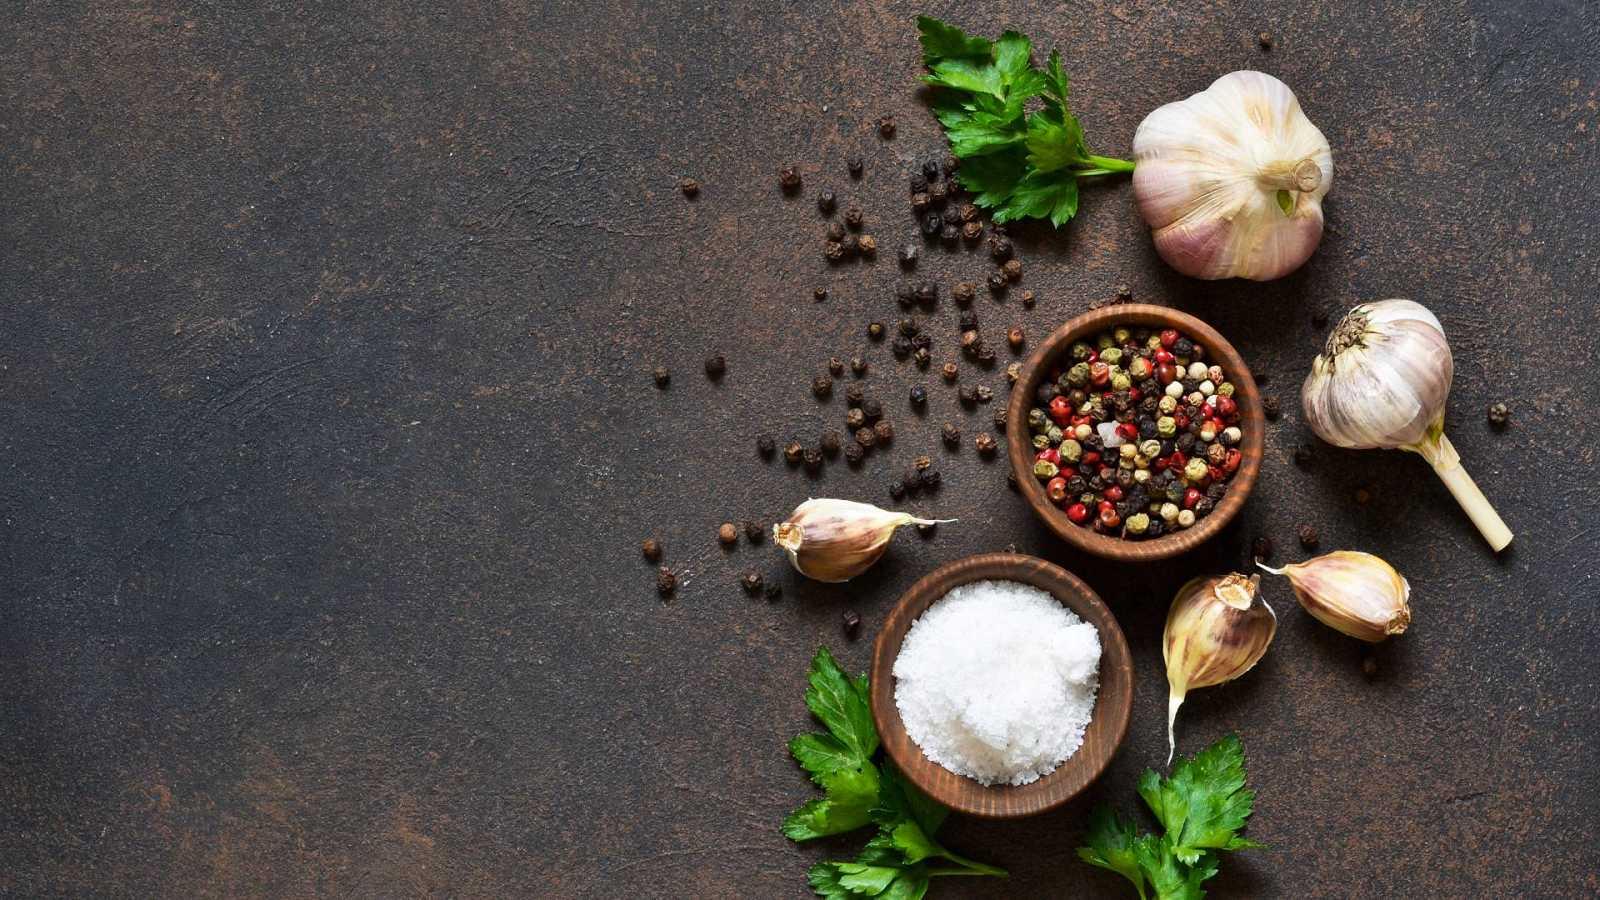 Alimento y salud - El ajo y las especias - 14/02/21 - Escuchar ahora